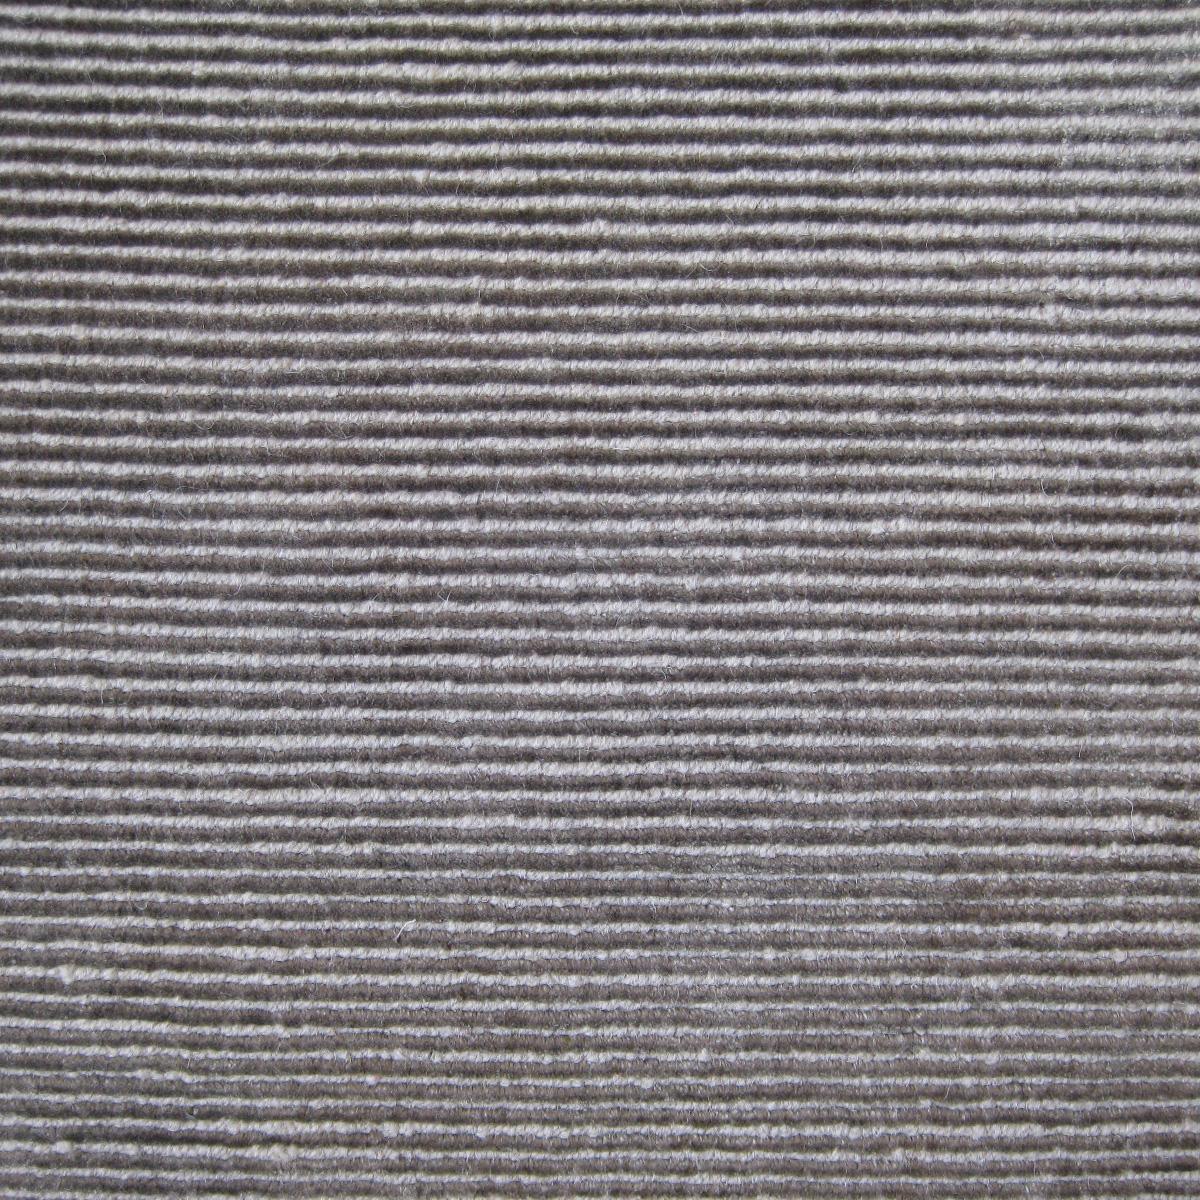 Stripe silver SAR196 N10255S